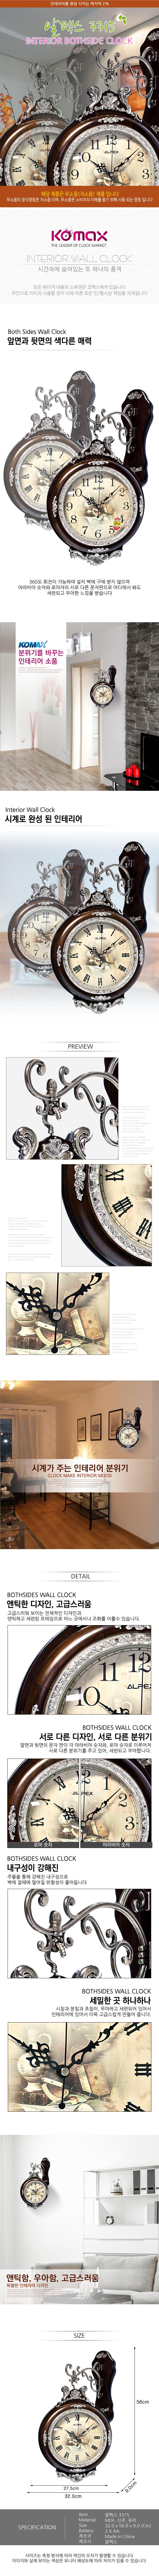 알펙스 3315 무소음 양면벽시계 - 코맥스, 95,500원, 양면시계, 앤틱